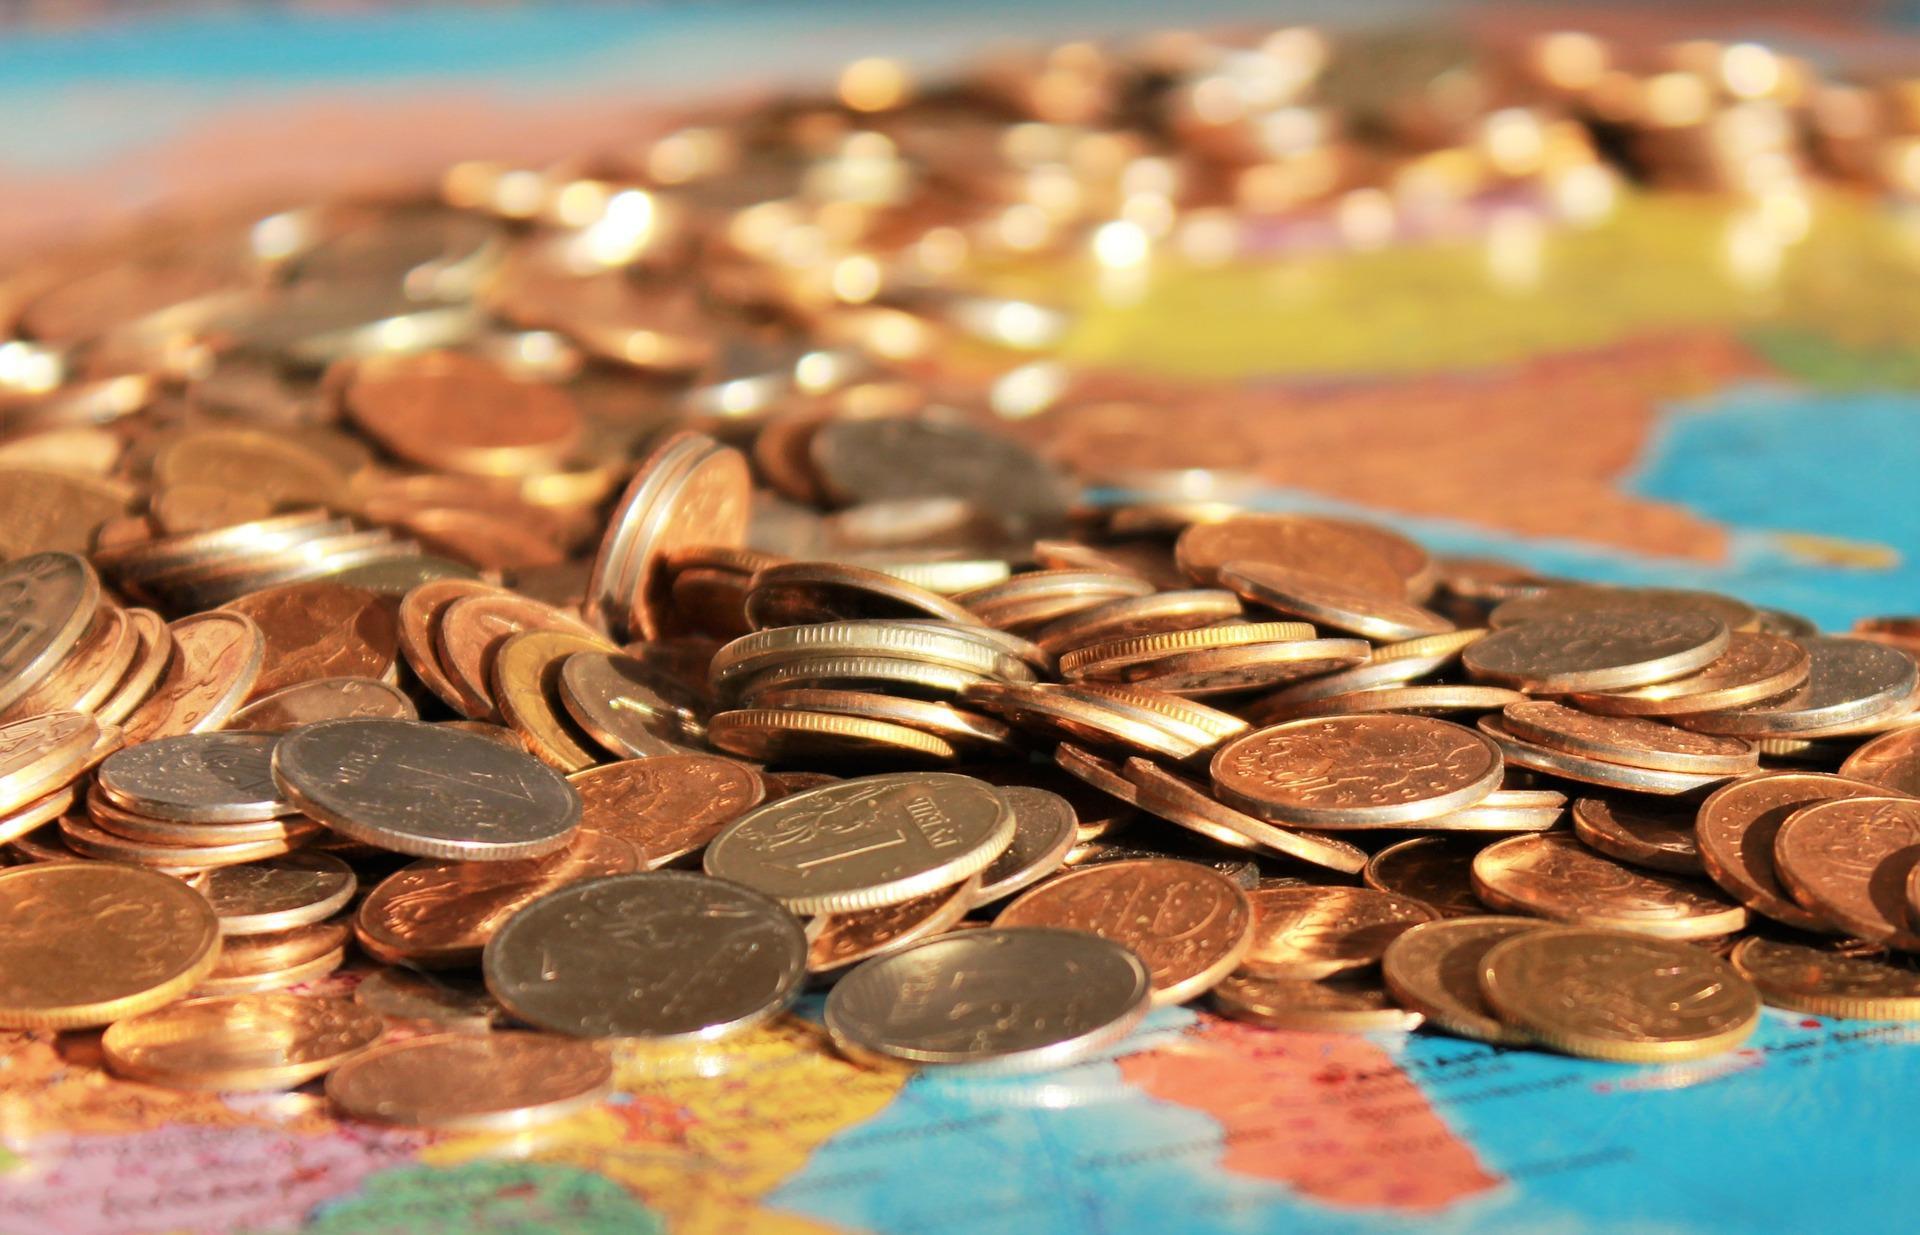 Änderung eines Steuerbescheids bei Änderung der Verwaltungsauffassung – und der Vertrauensschutz